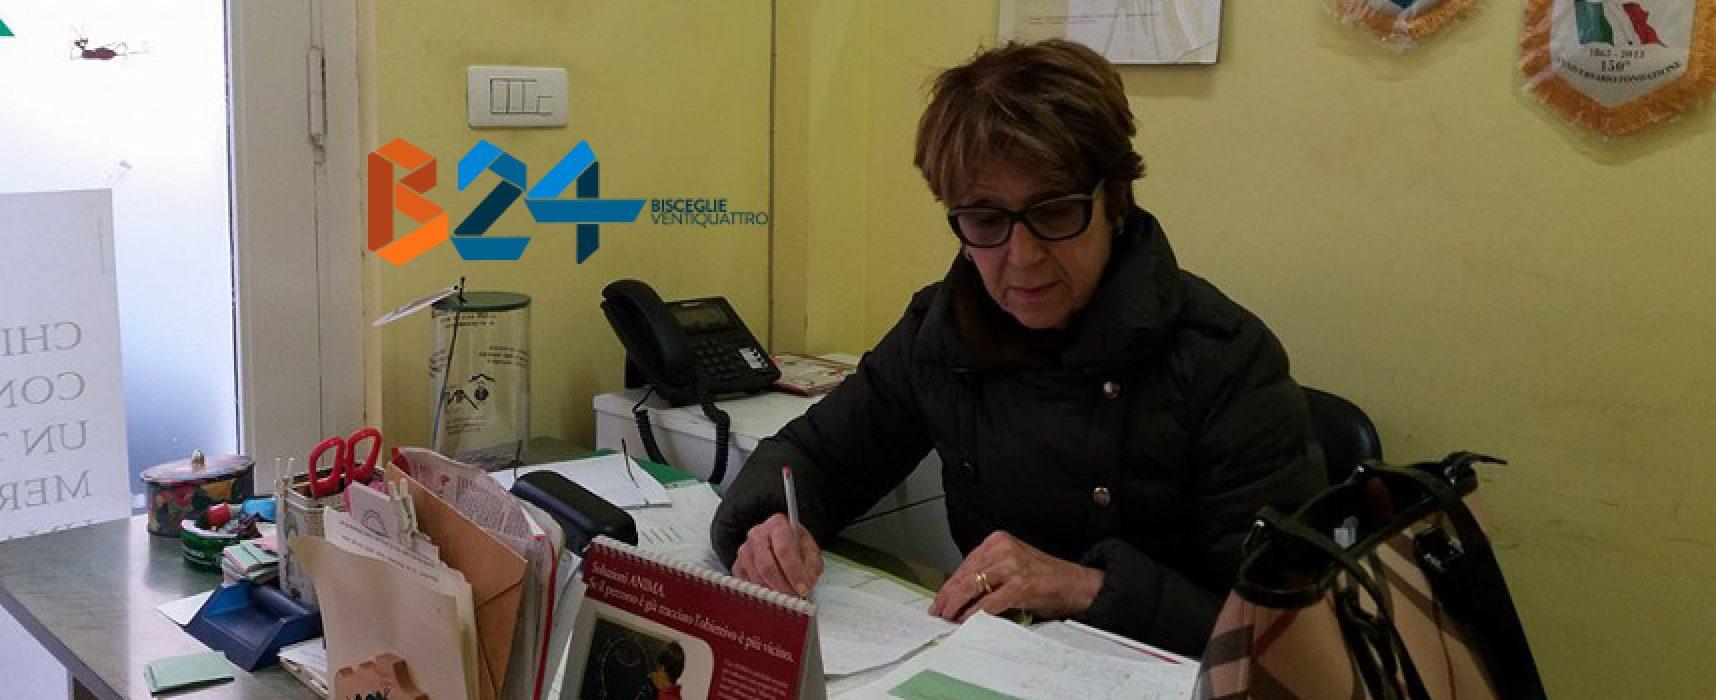 L'Ant Bisceglie e la città intera piangono la scomparsa di Nina Di Modugno